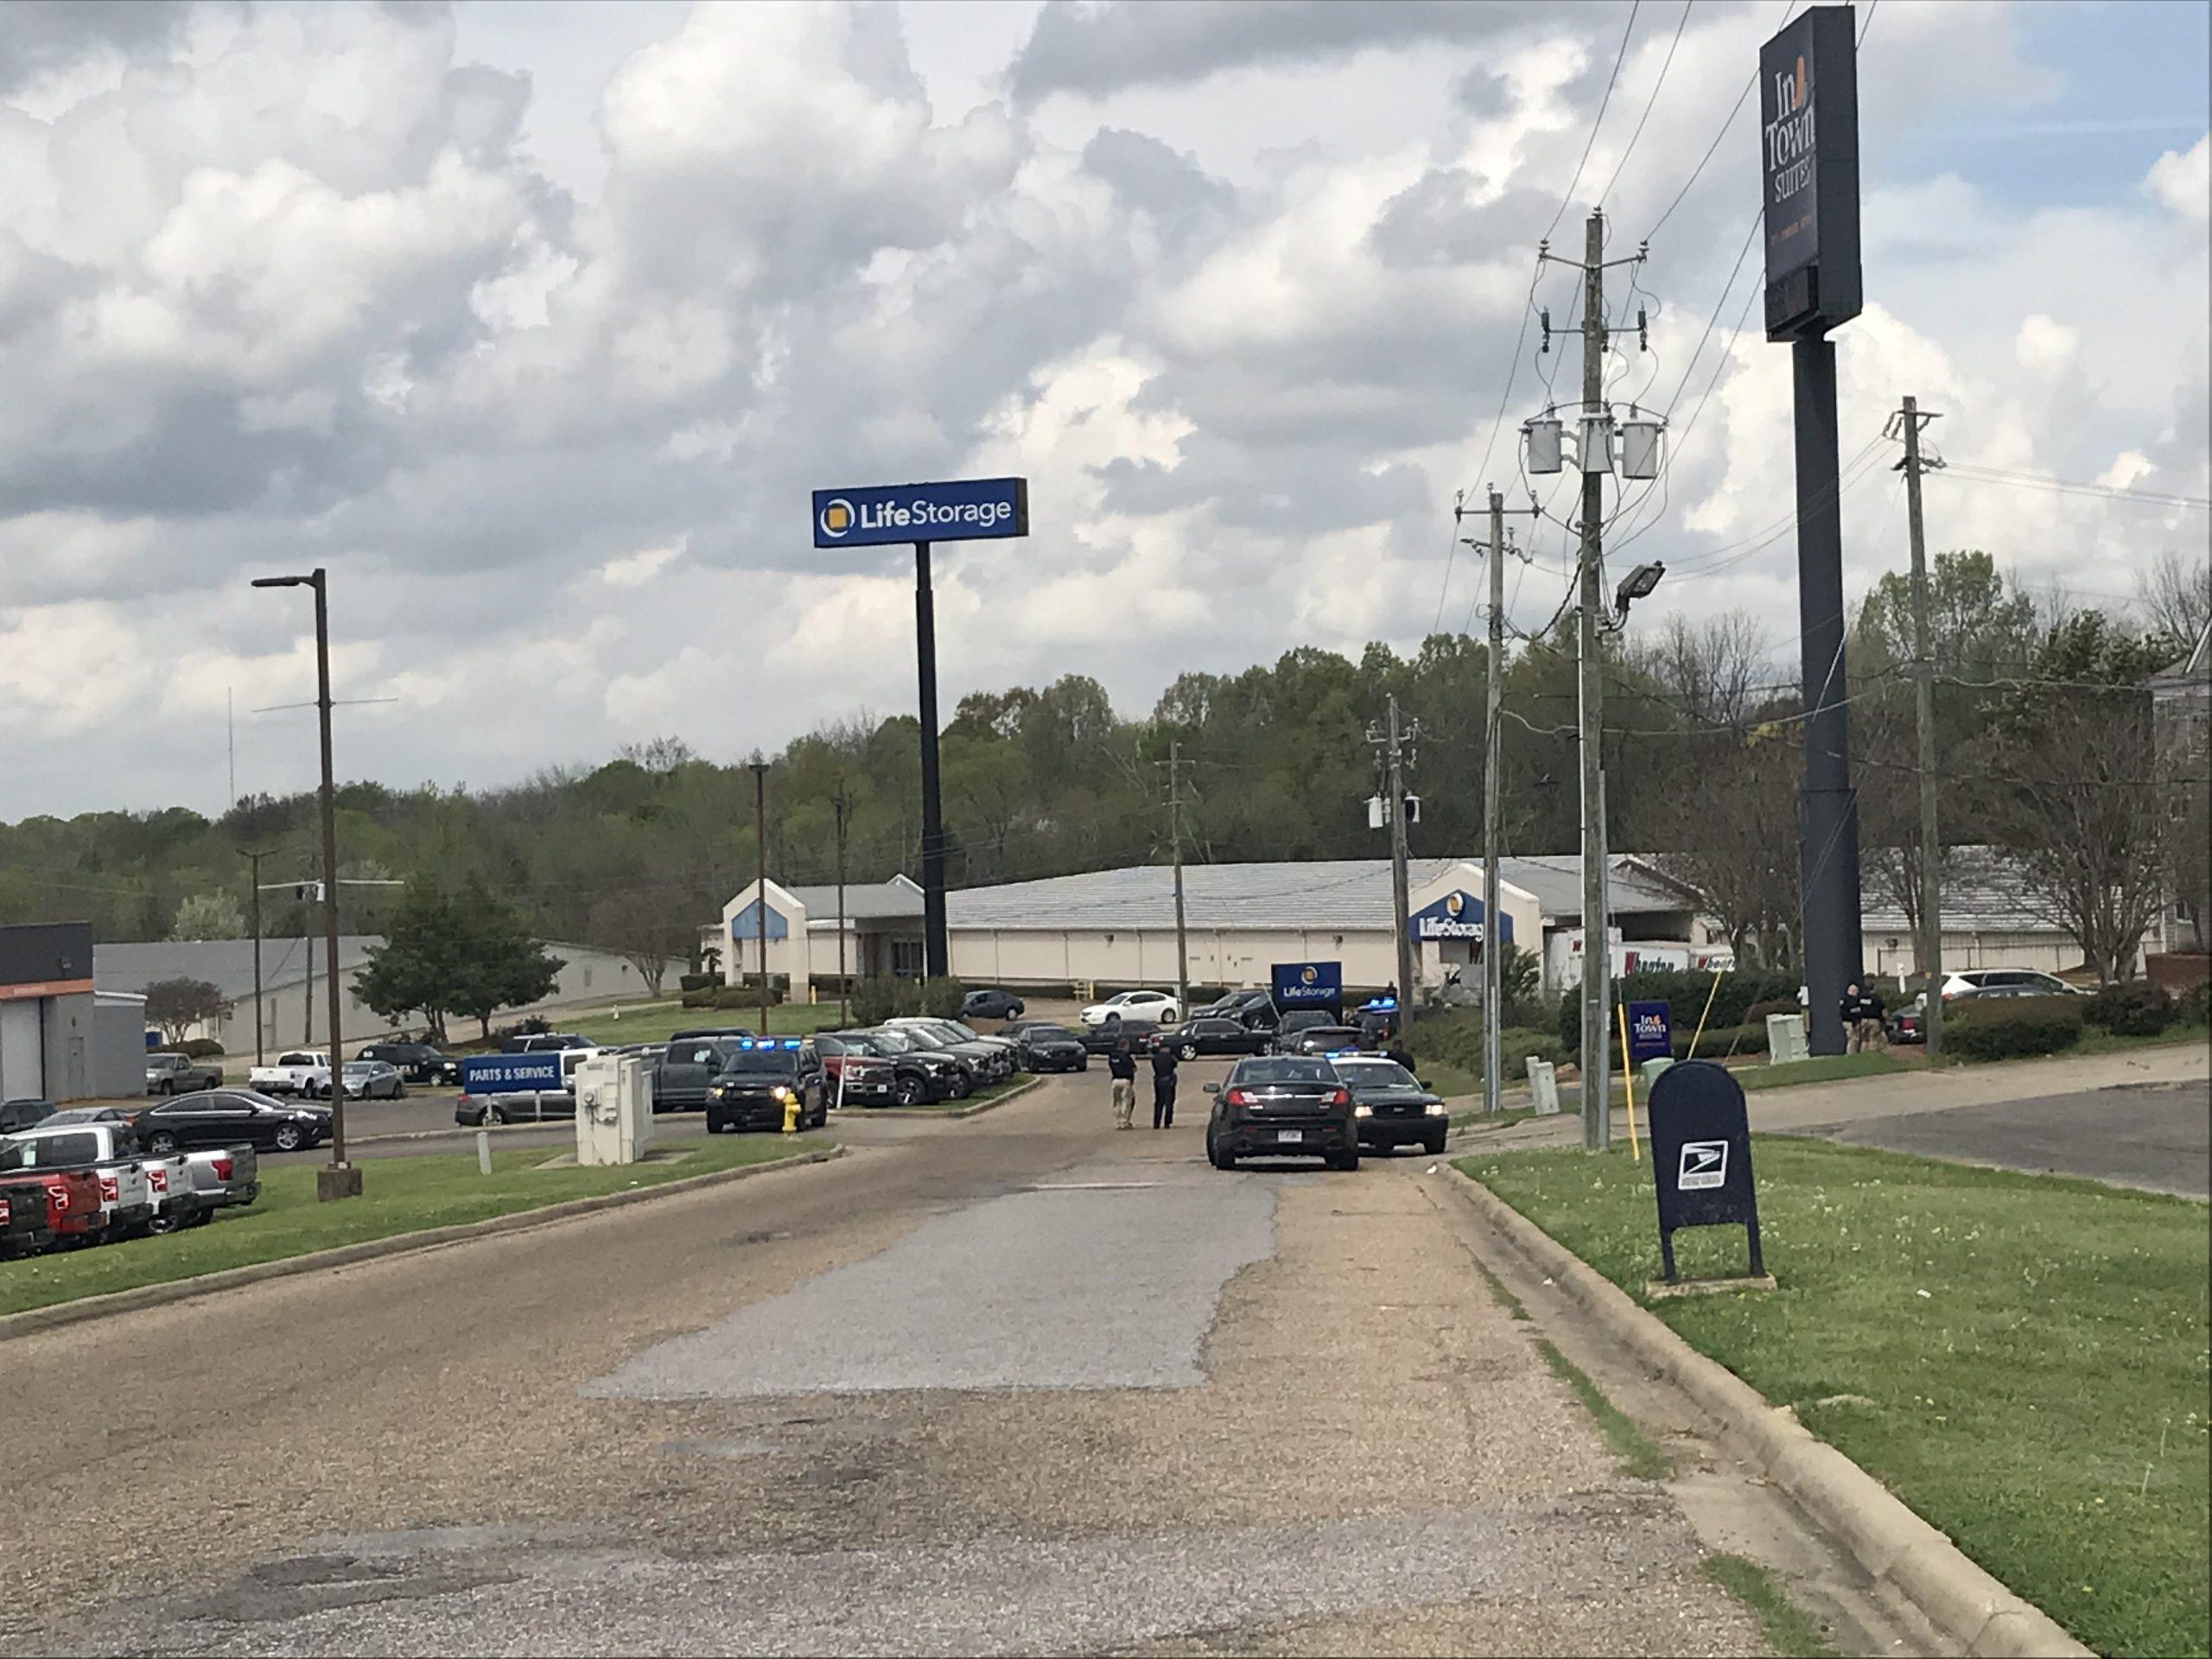 Sospechoso en enfrentamiento en Town Suites en Montgomery, acusado de intento de asesinato de agentes de policía